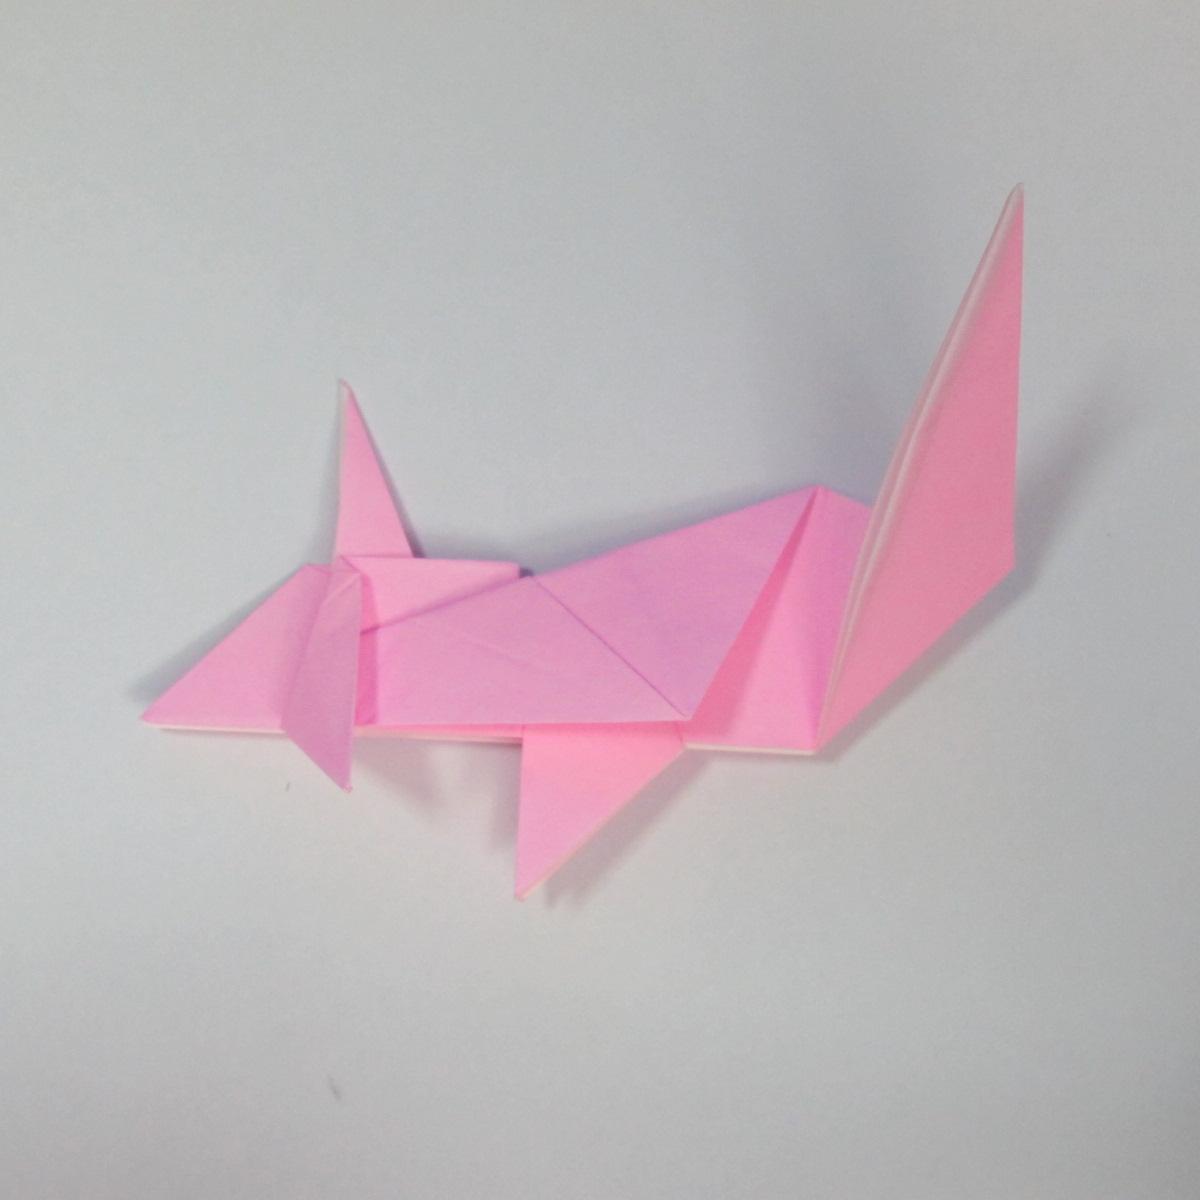 สอนการพับกระดาษเป็นลูกสุนัขชเนาเซอร์ (Origami Schnauzer Puppy) 058